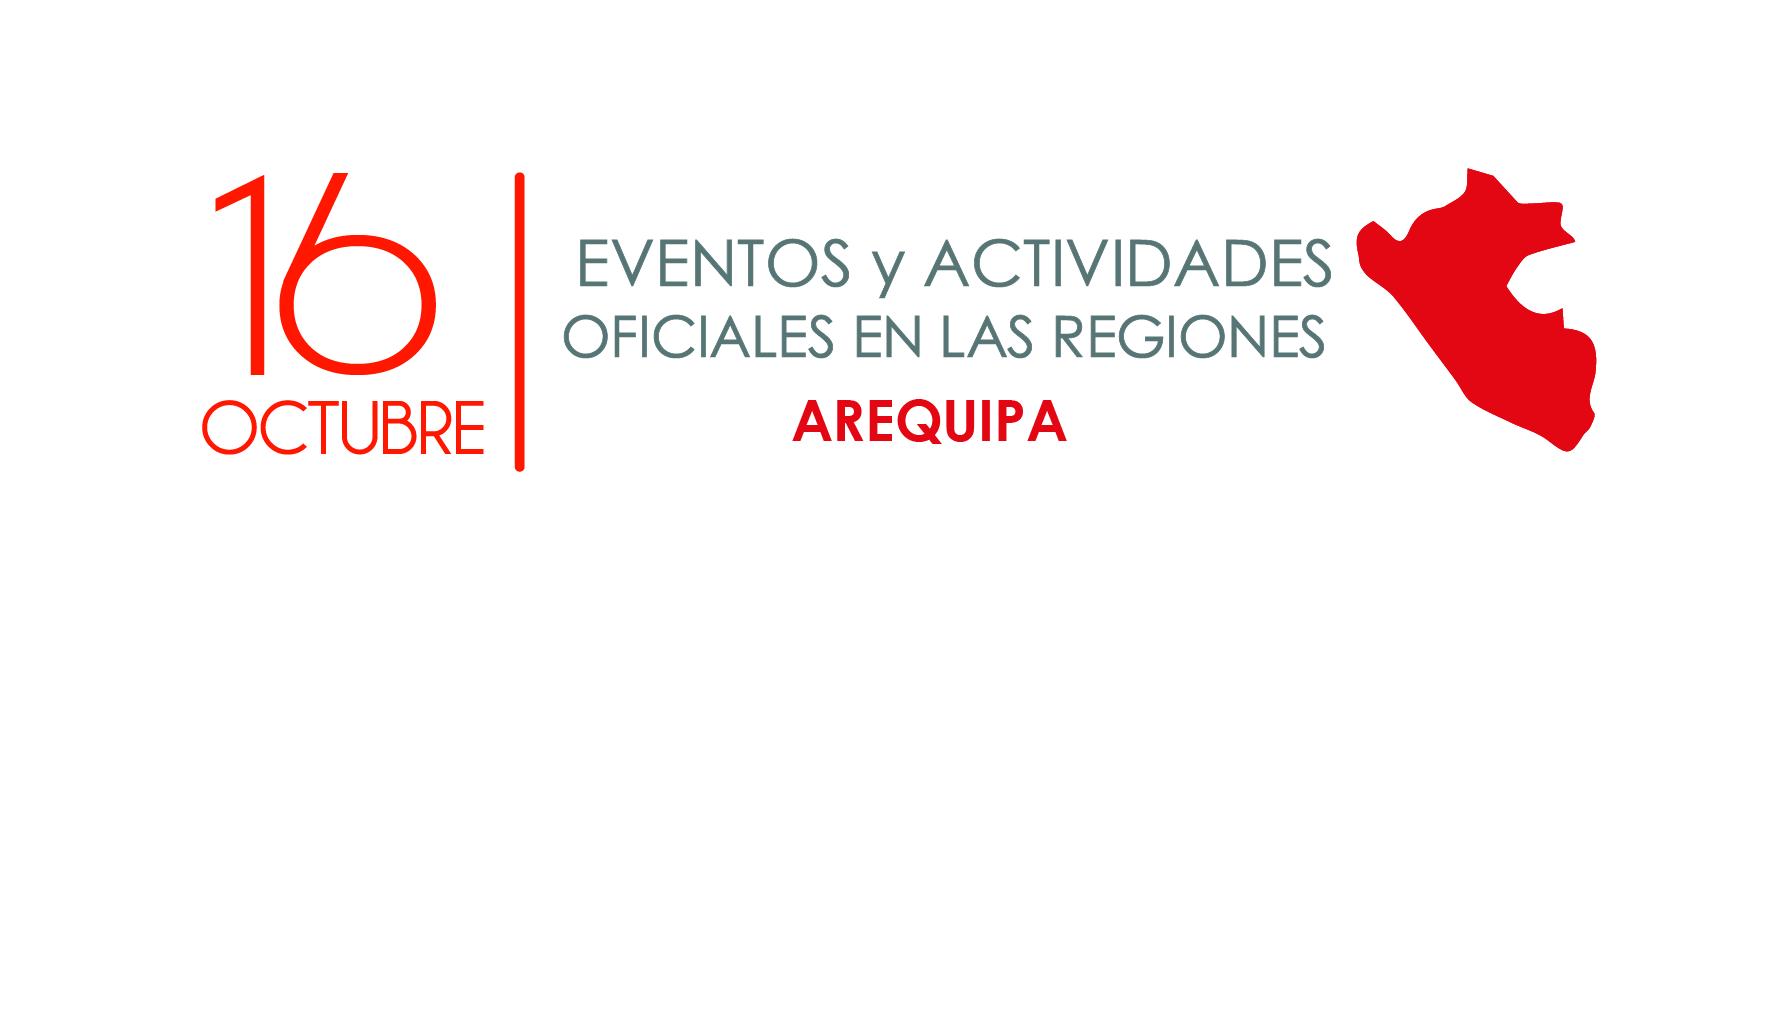 Reconocerán a instituciones, organizaciones y personas con discapacidad en Arequipa